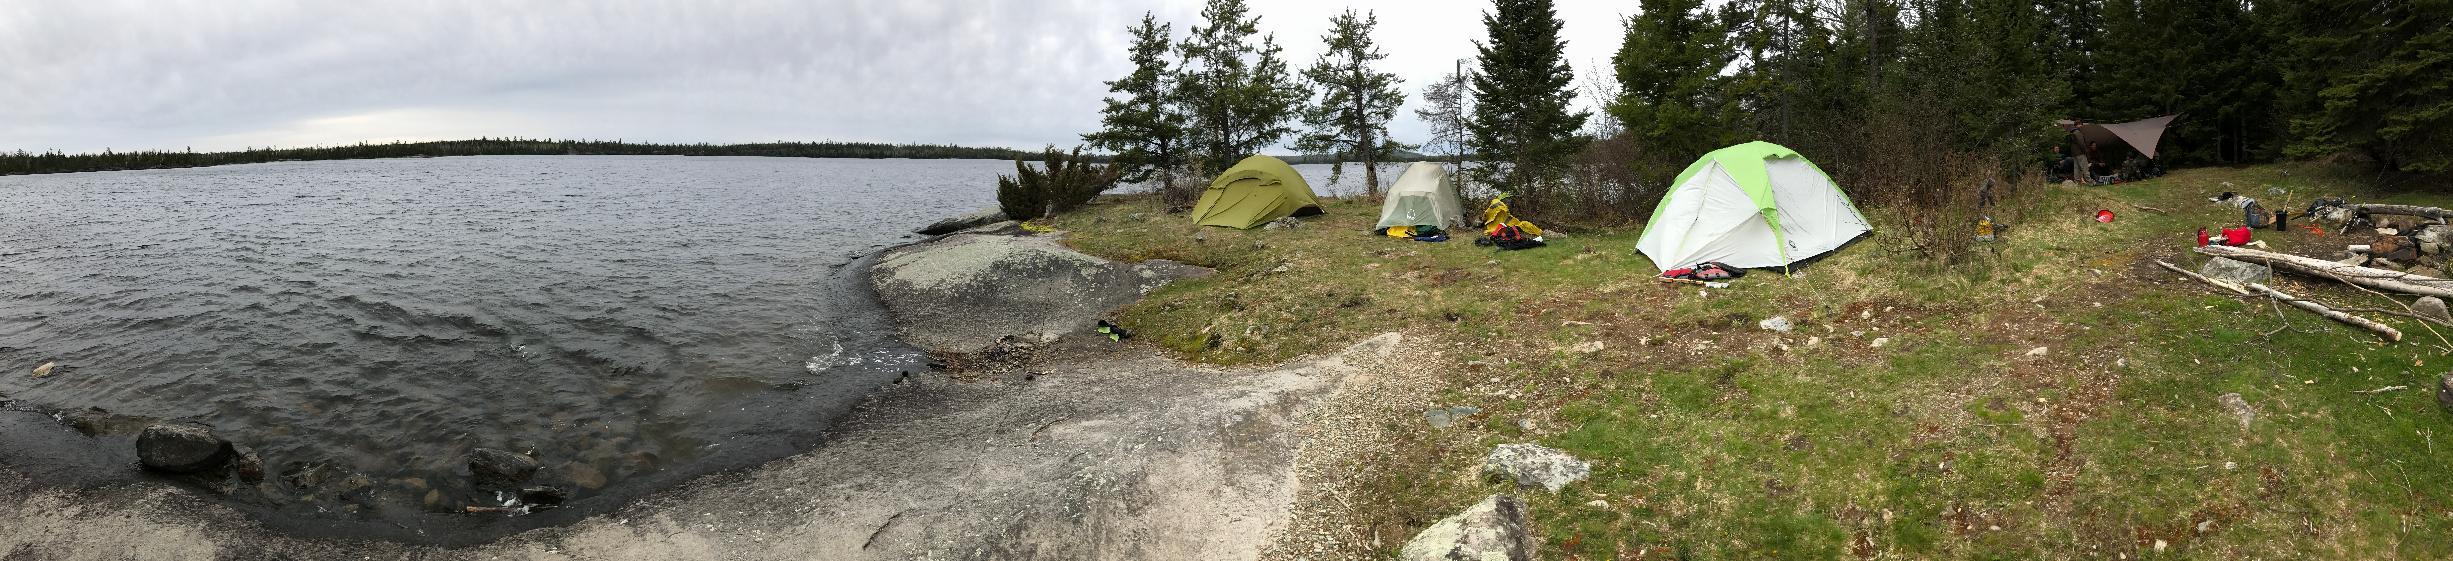 Ima Campsite